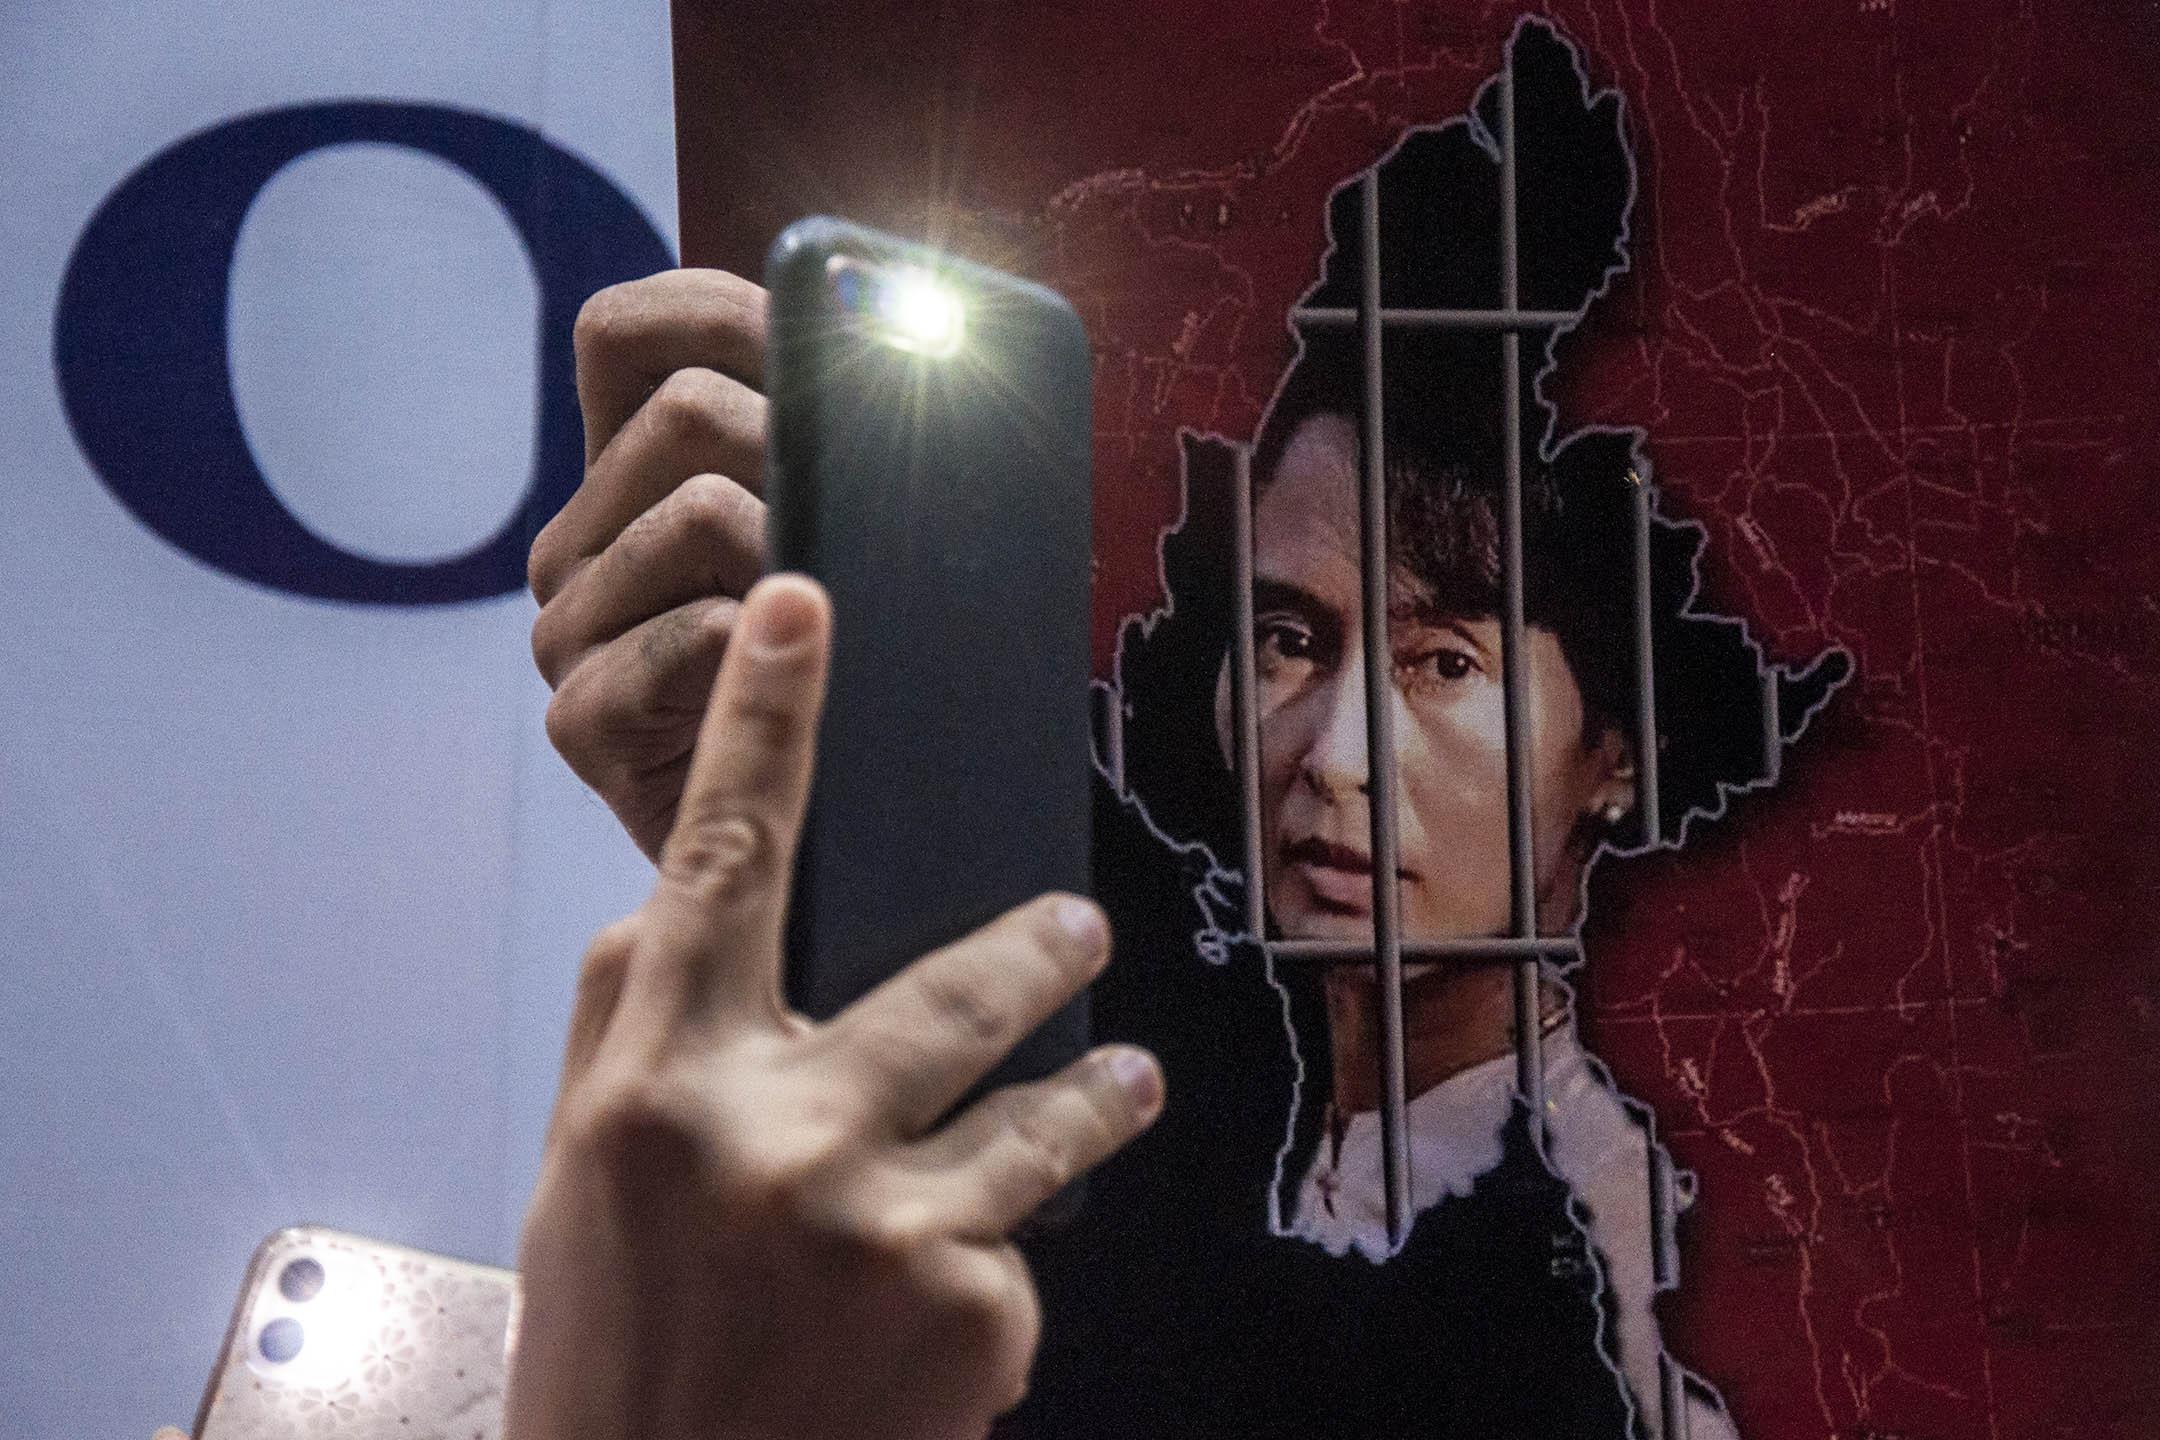 2021年2月4日曼谷緬甸大使館外,居住在泰國的緬甸公民在示威期間使用電話來發光。